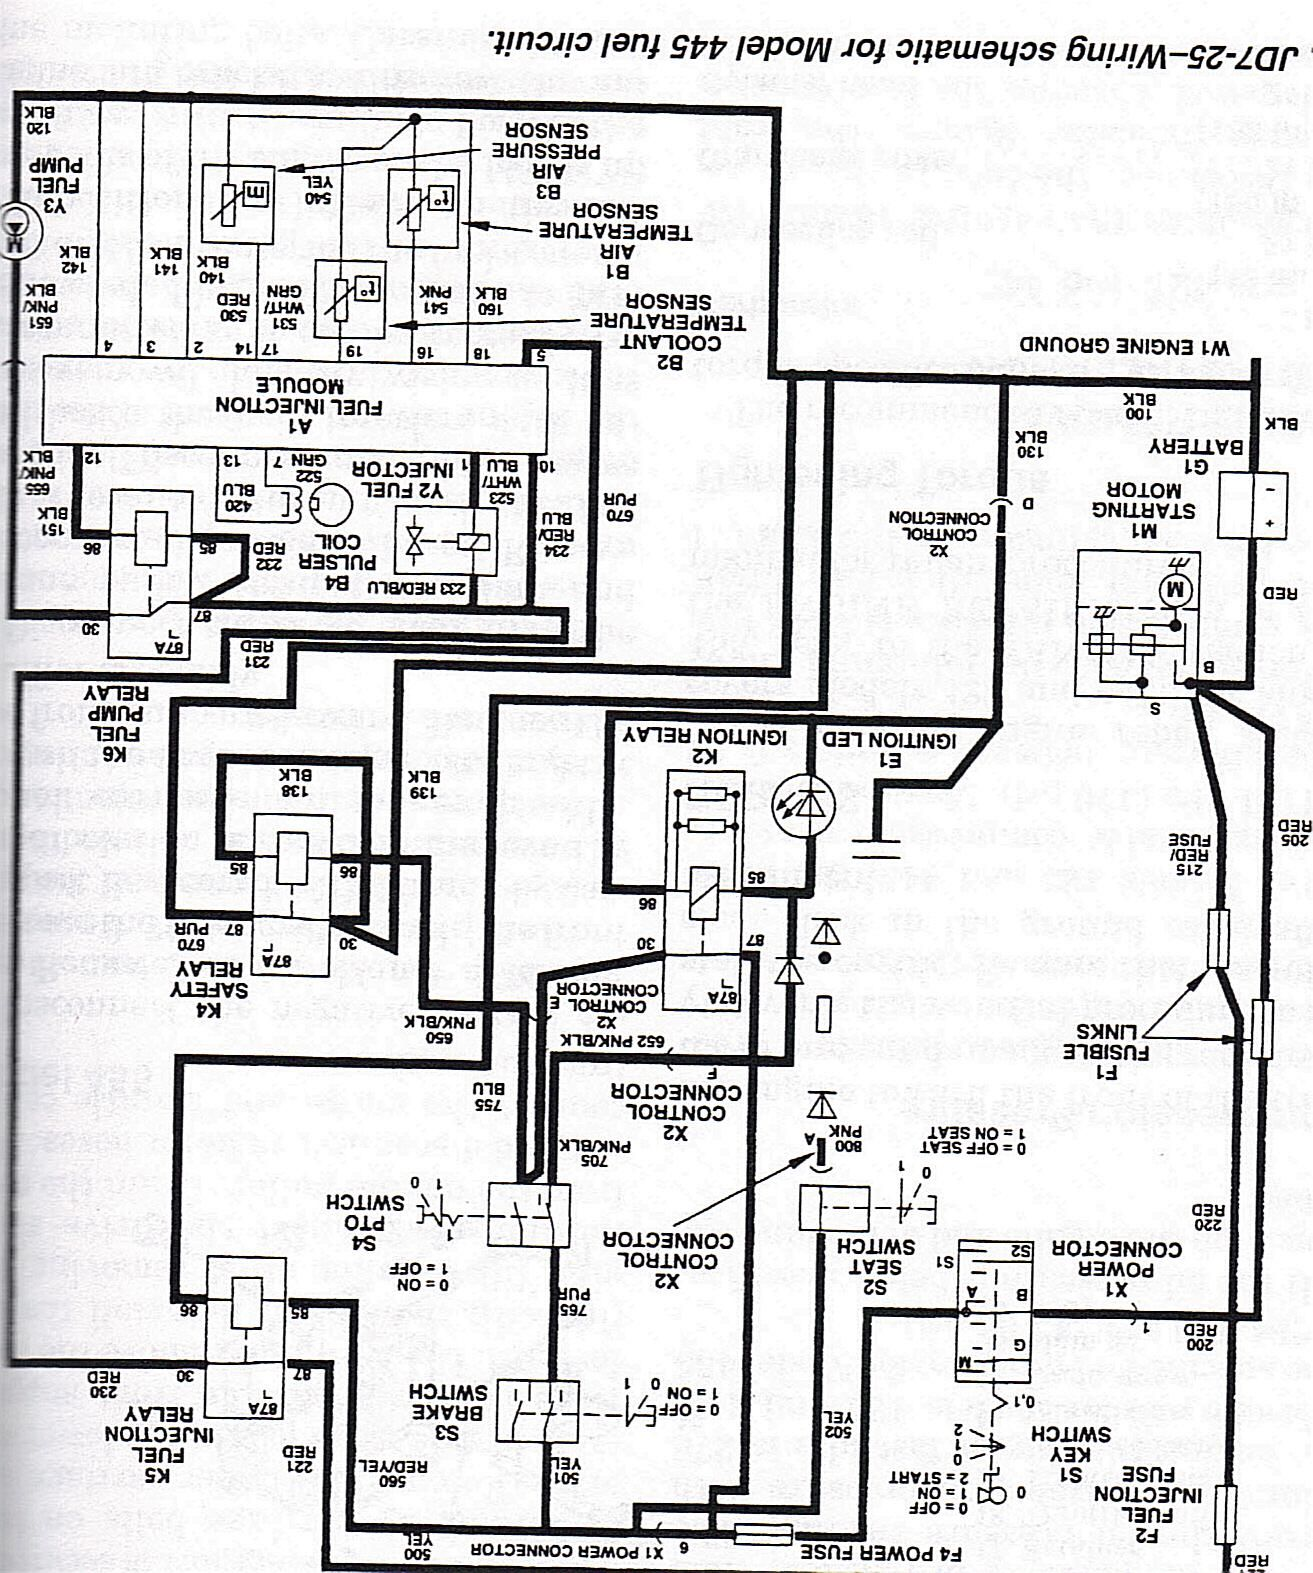 John Deere 757 Electrical Diagrams Diagram – La145 Wiring Diagram